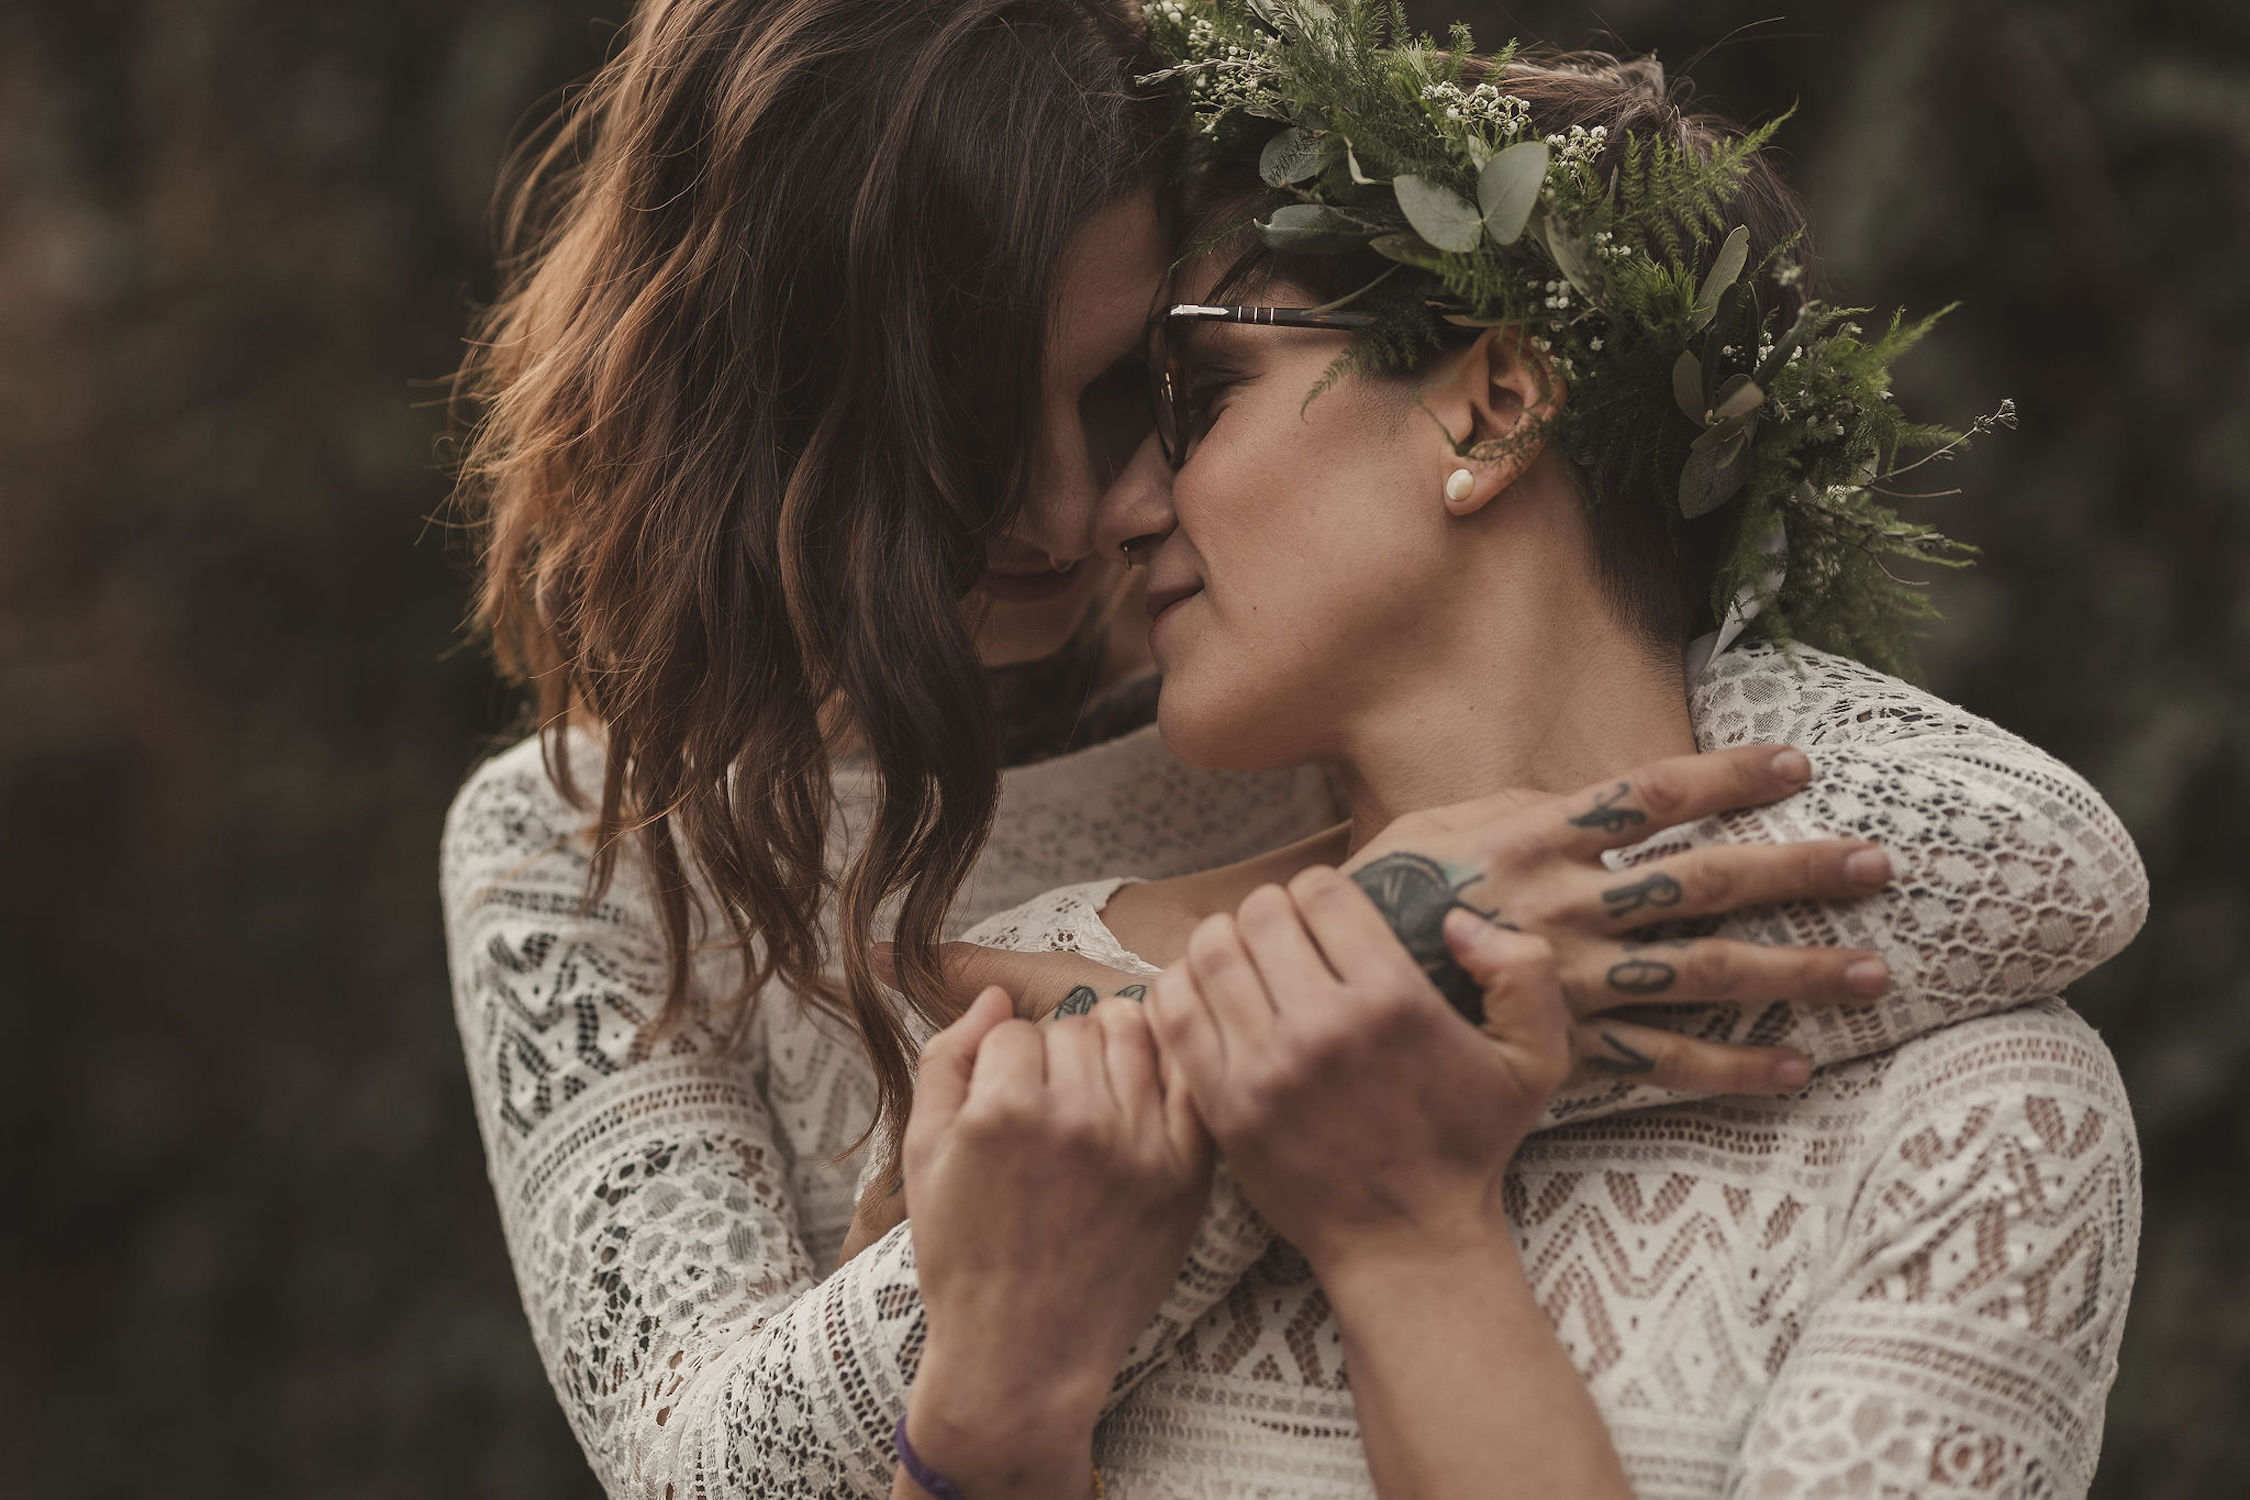 die lesbische ader ausleben ist toll